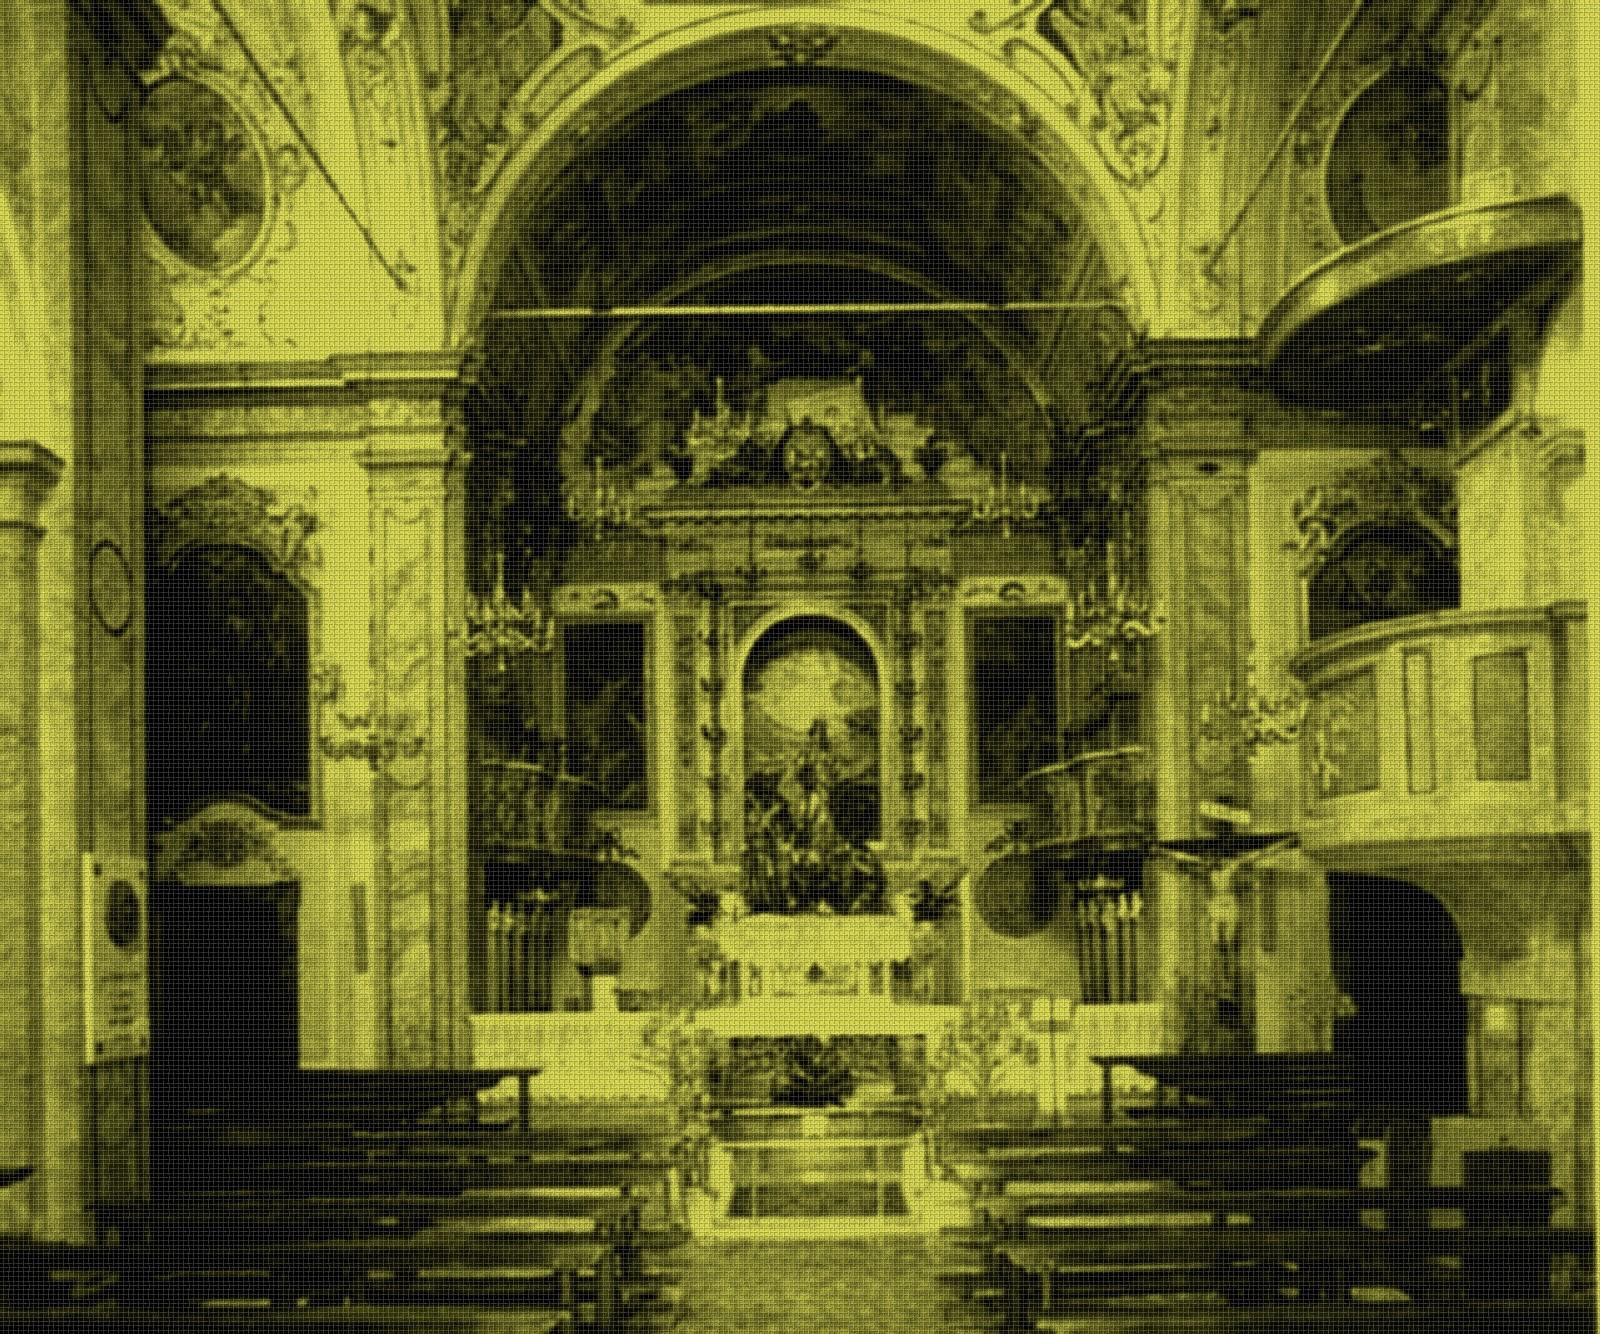 Nuestra Señora de la Misericordia de Bovegno, Oración para Evitar el Castigo, Italia (22 may)